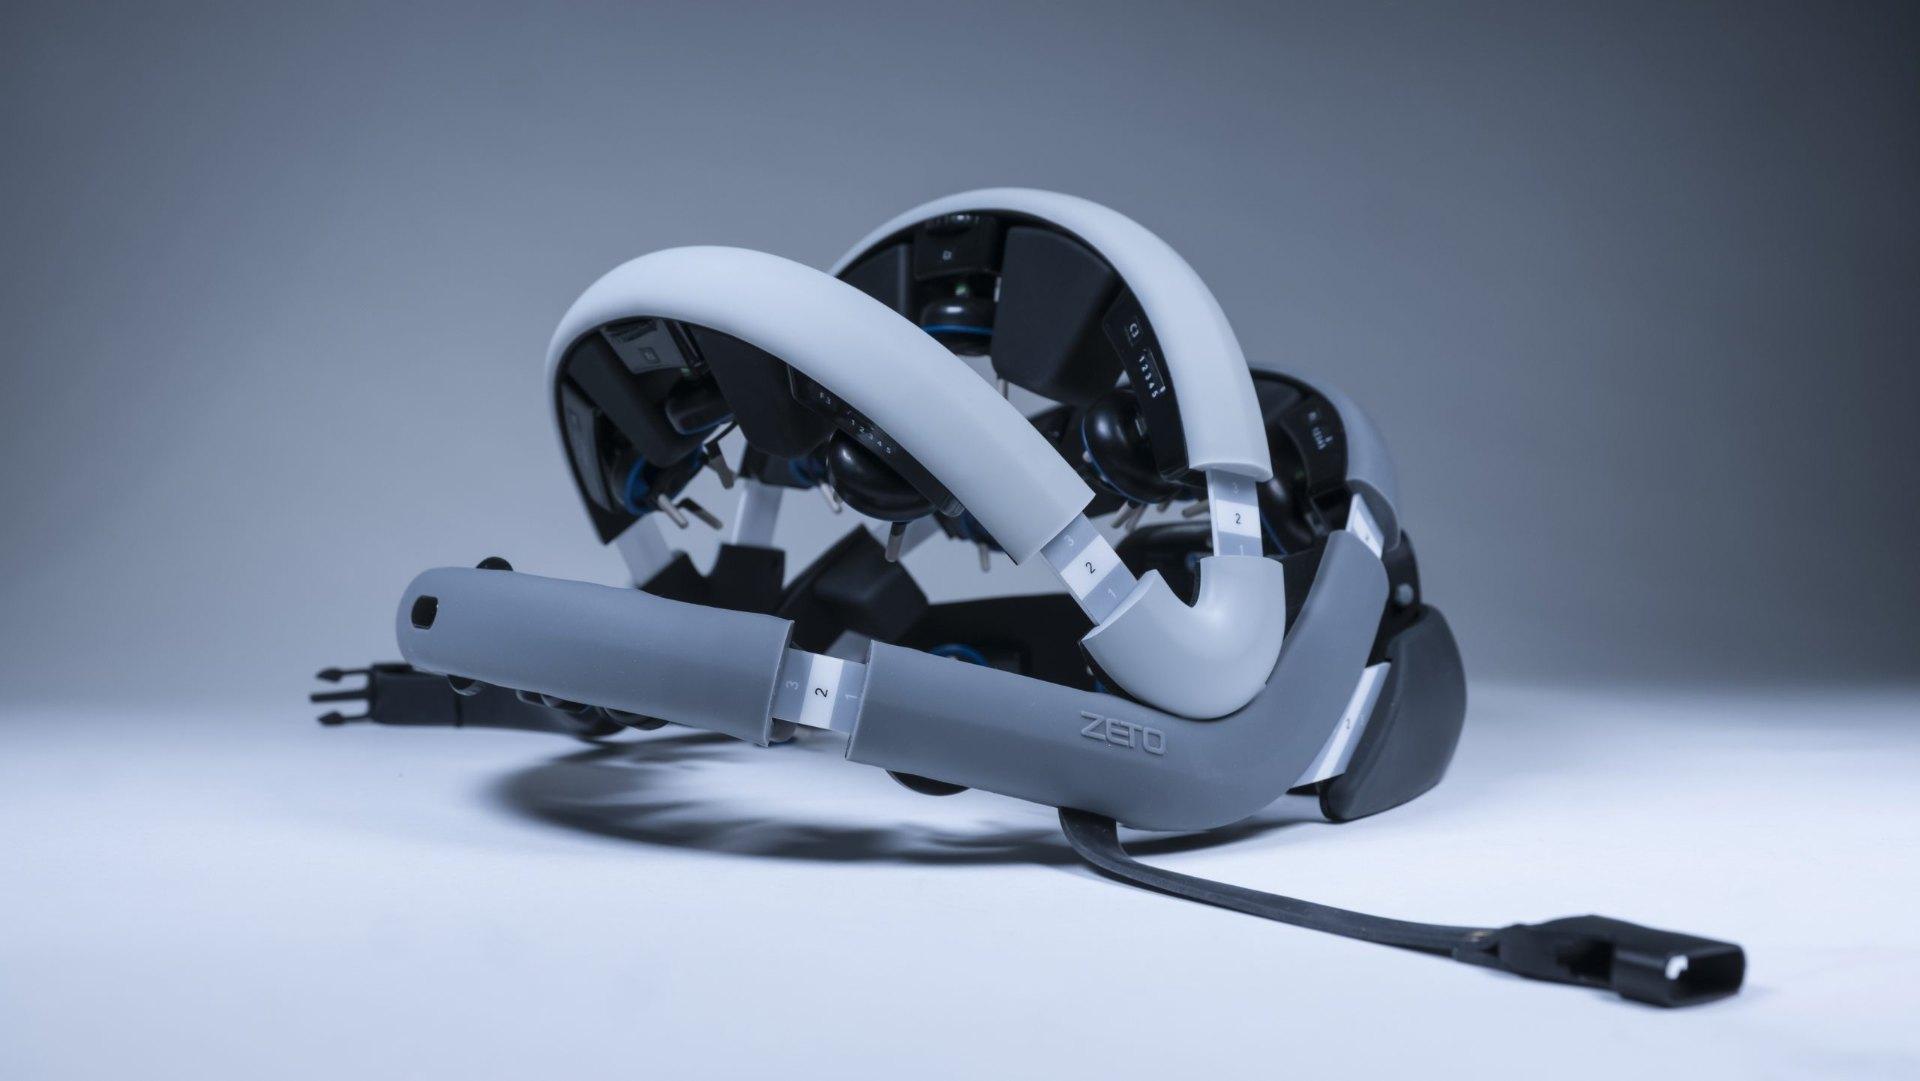 Zeto Wearable EEG Headset